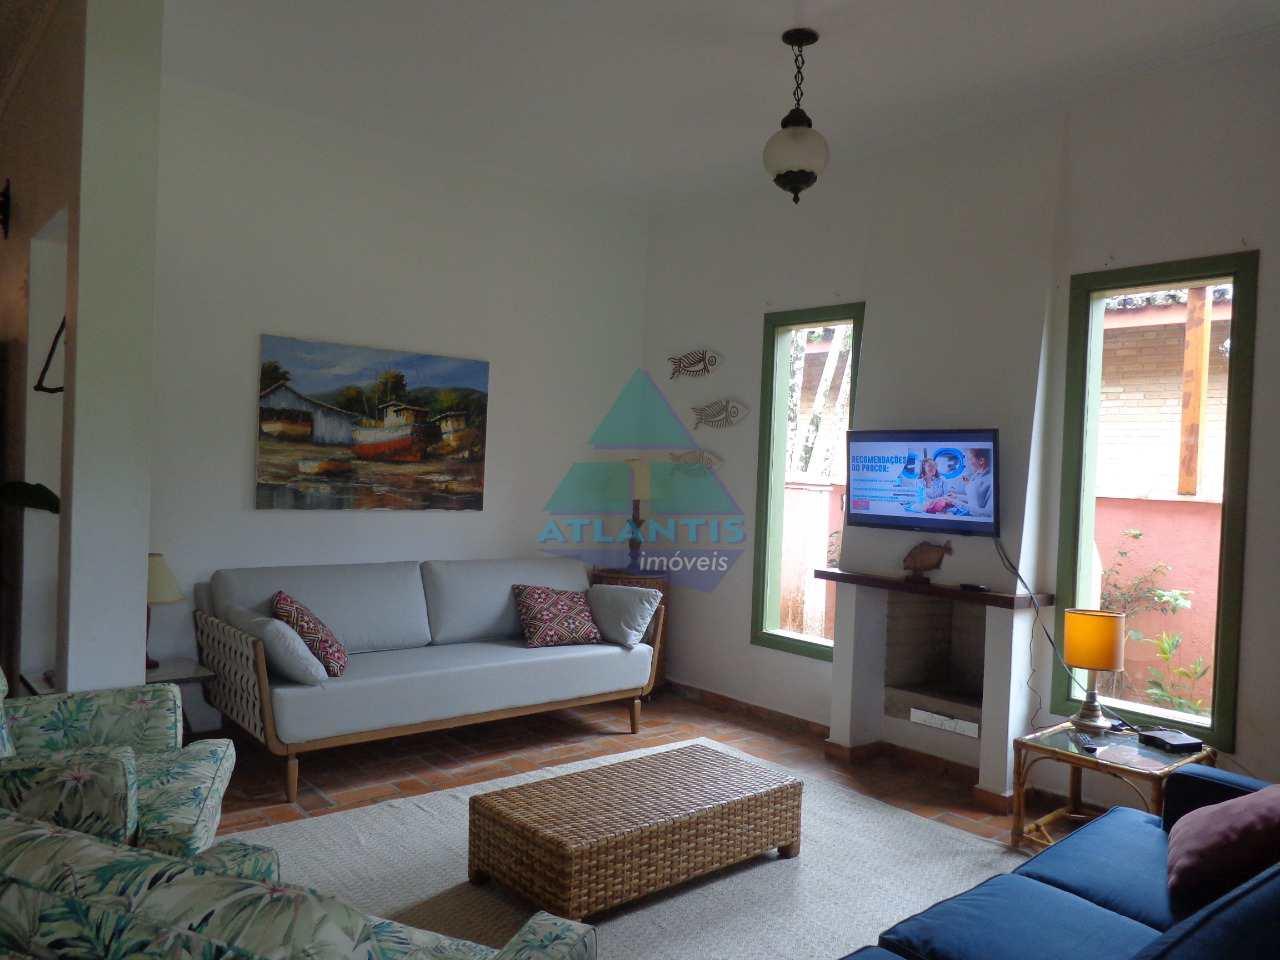 Casa com 4 dorms, Lagoinha, Ubatuba , 250m² - Codigo: 82